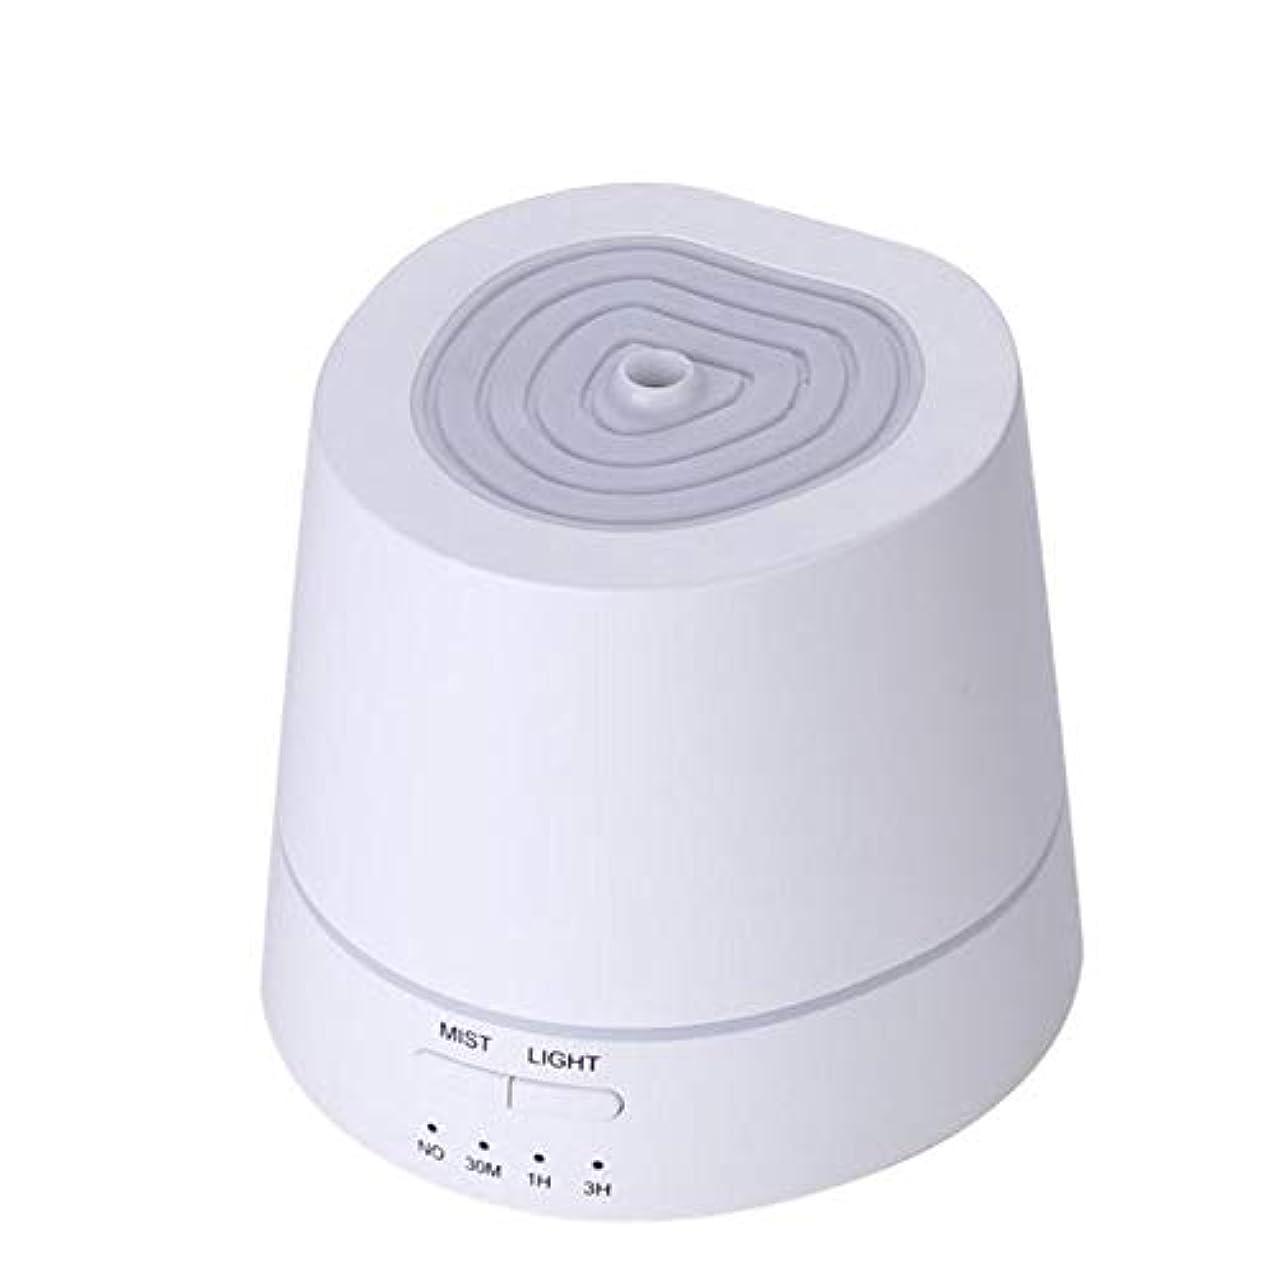 コントローラ歯痛と闘うアロマディフューザー 卓上加湿器 超音波式 150ml 小容量 USB充電式 7色LEDライト付き 間接照明 時間設定機能 部屋、会社、ヨガなど場所適用 Styleshow